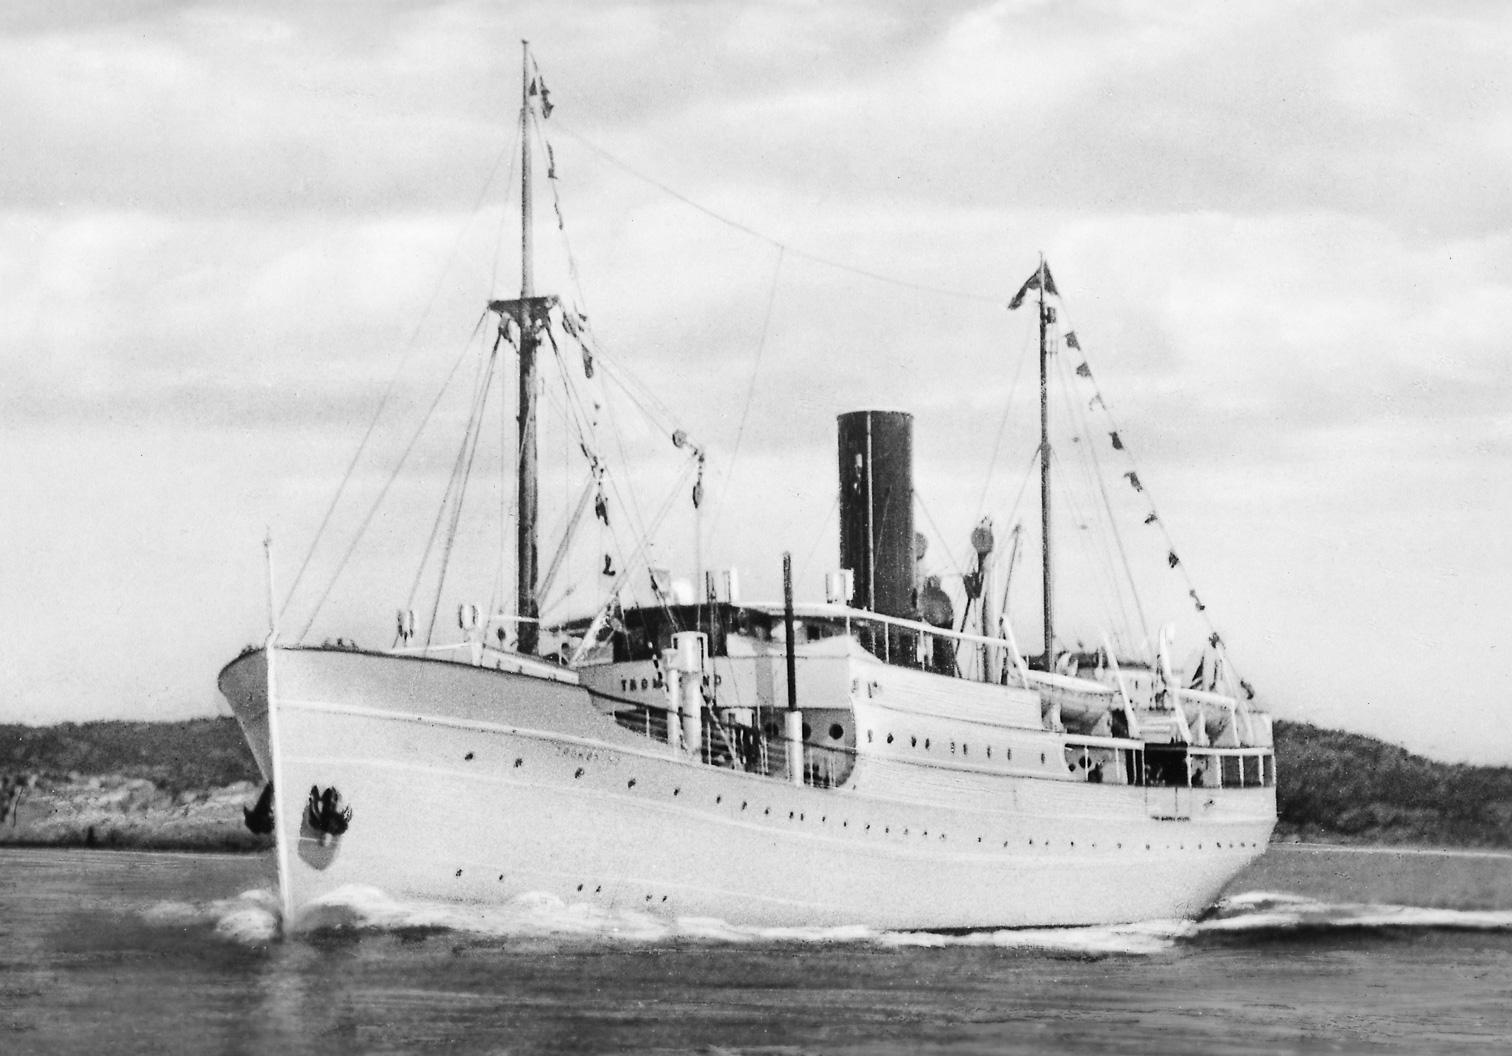 SS Tromøsund